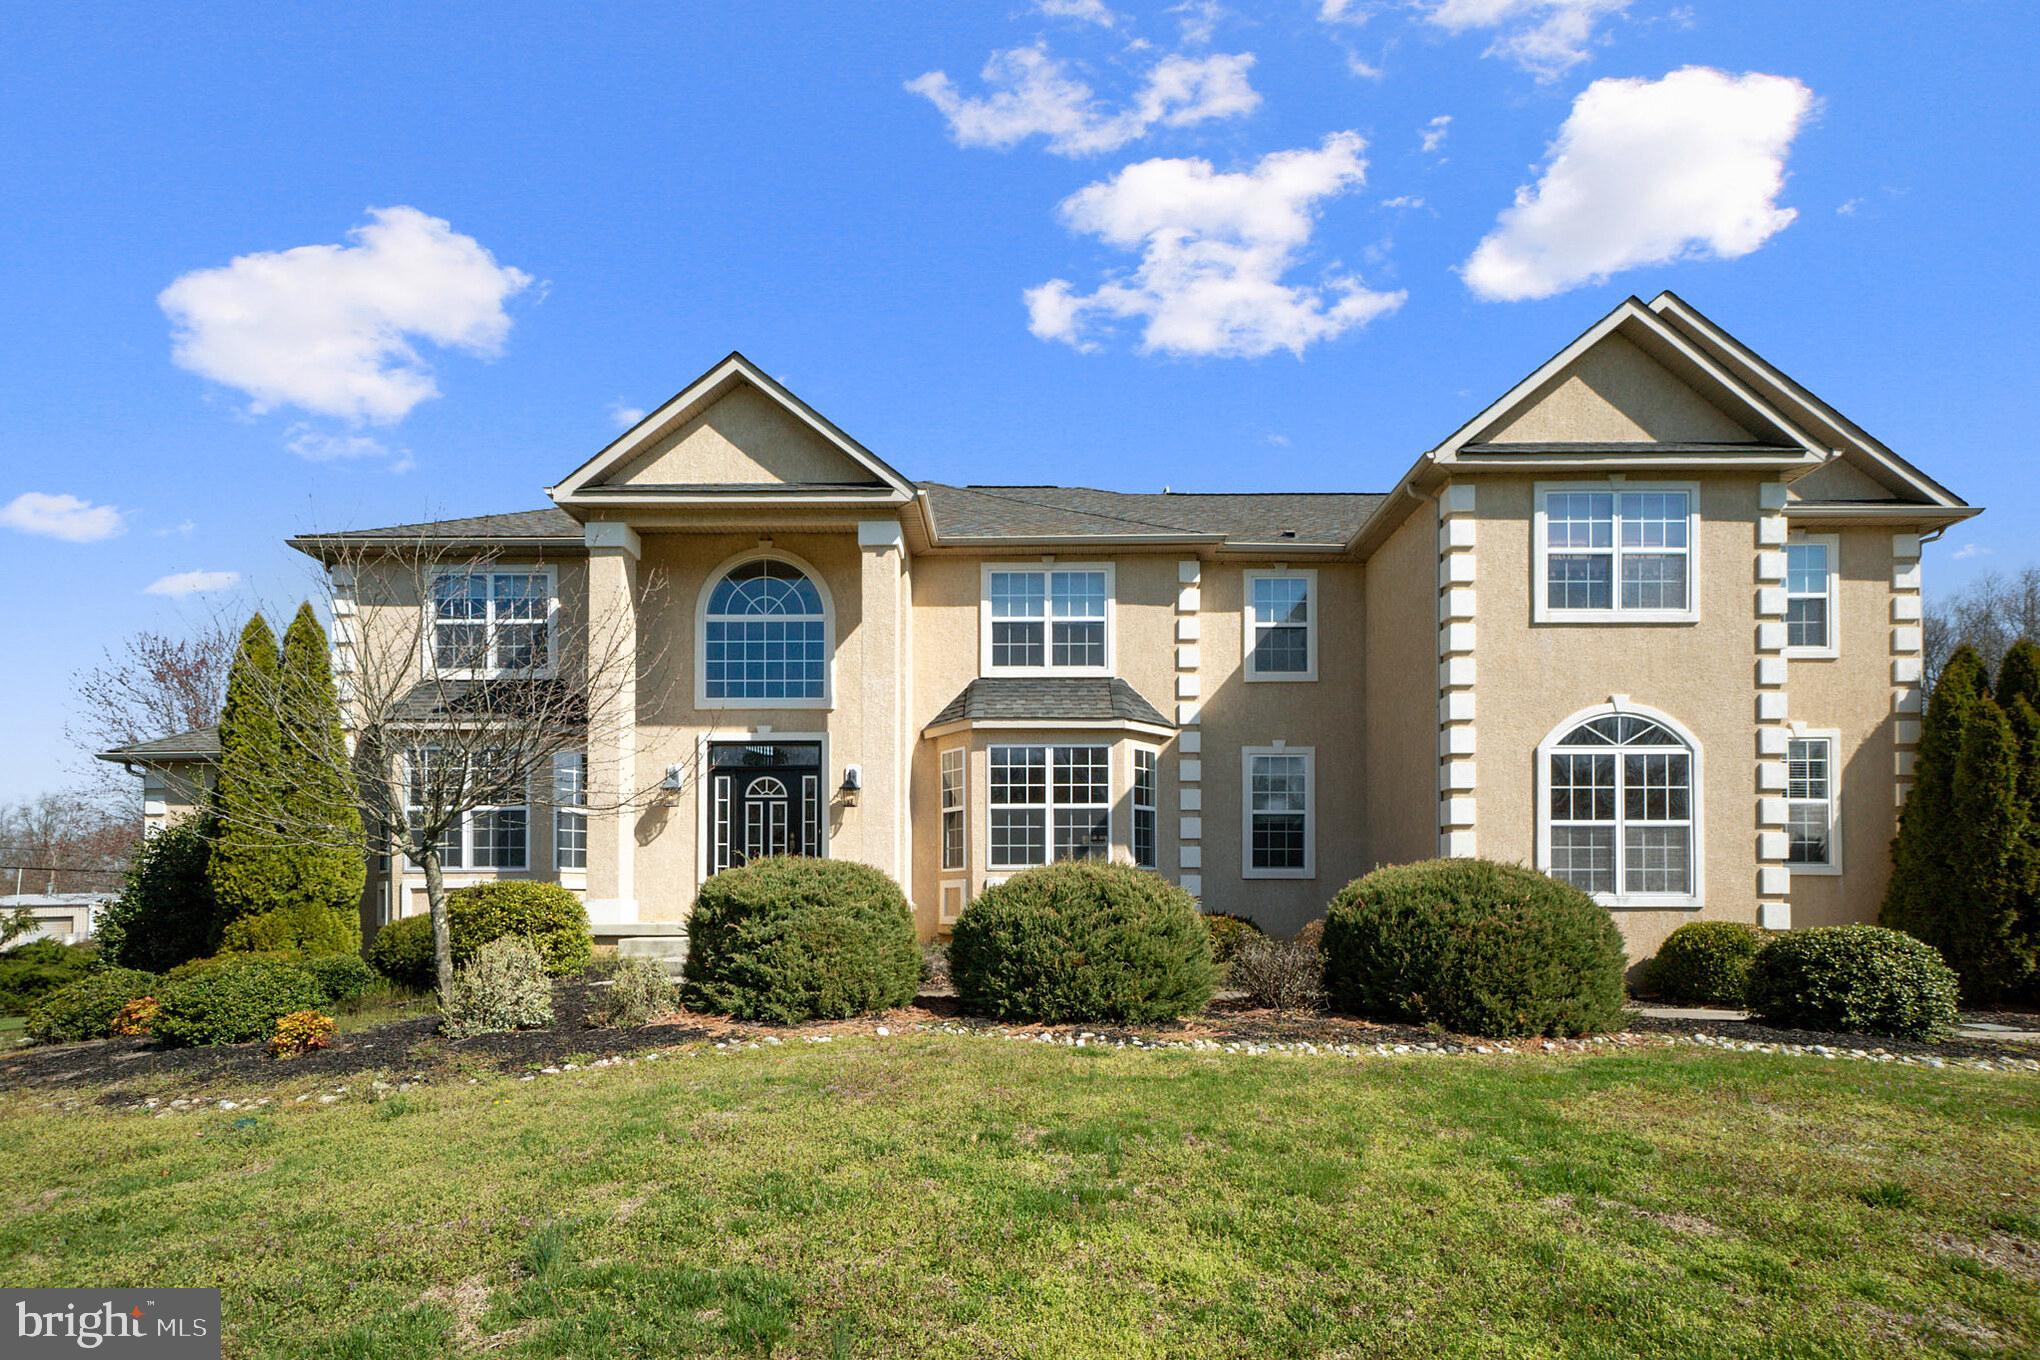 101 Willow Oaks Ln, Mullica Hill, NJ, 08062